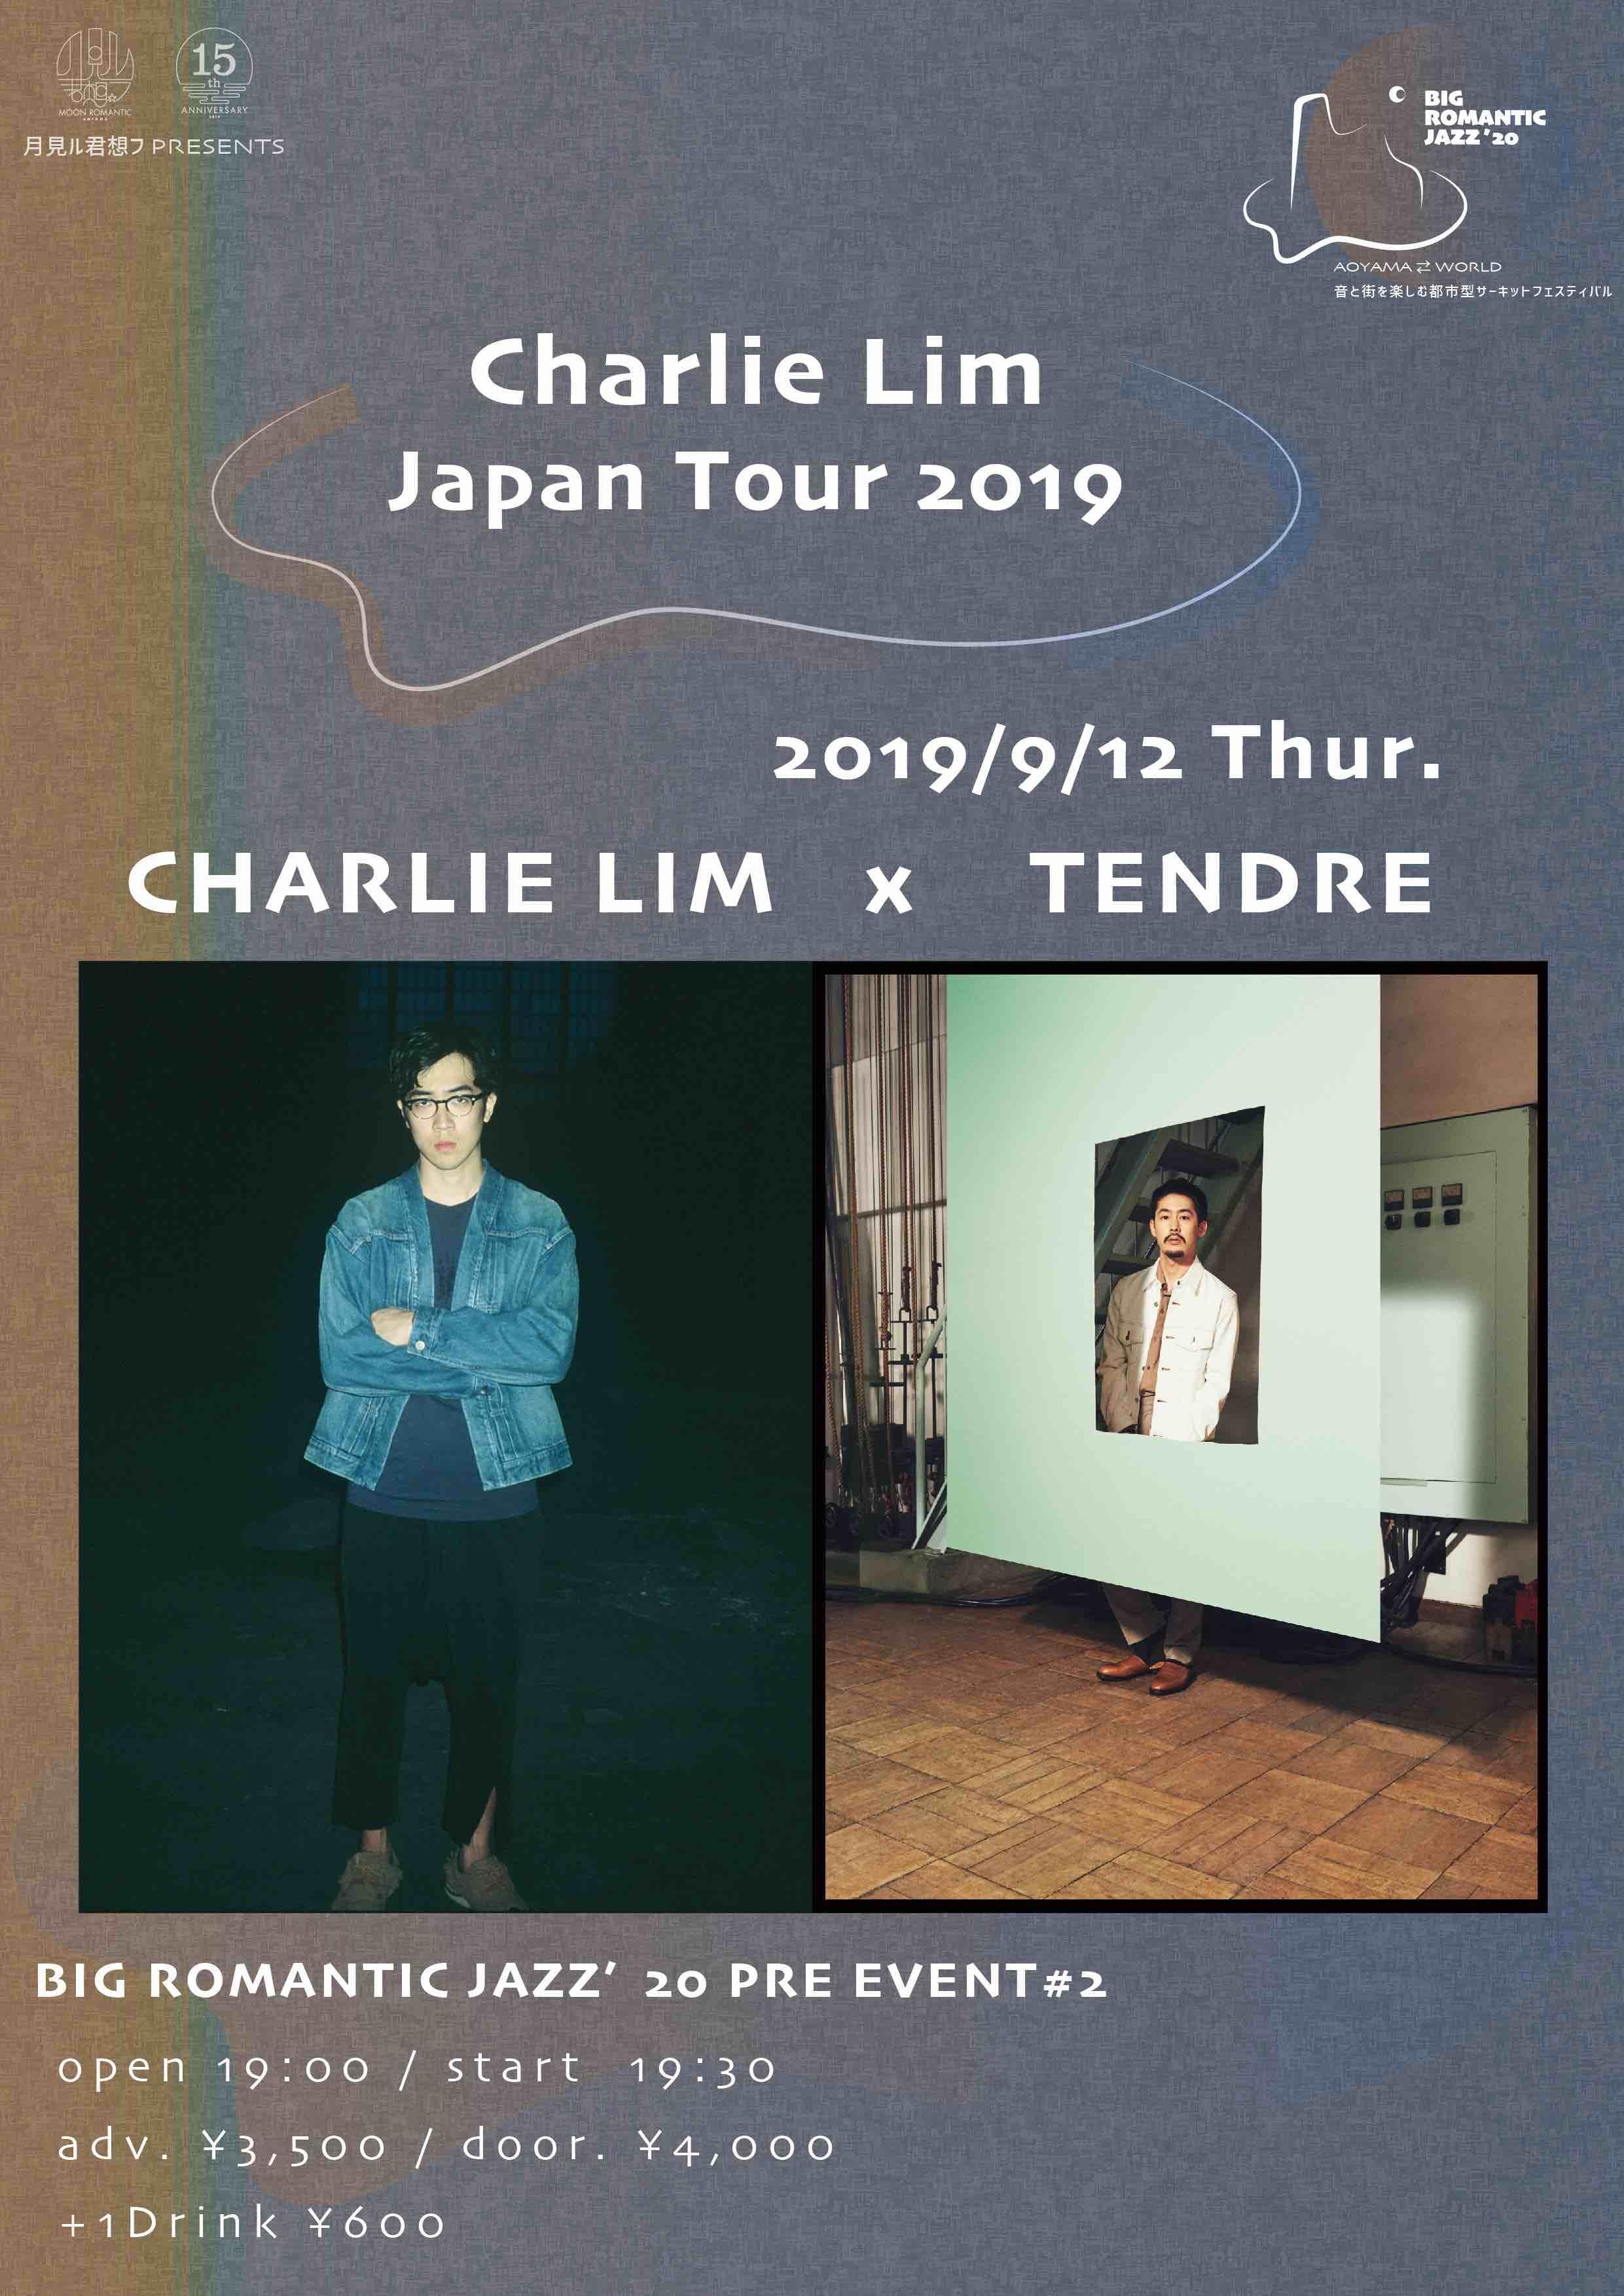 Charlie Lim Japan Tour 2019「Charlie Lim x TENDRE」